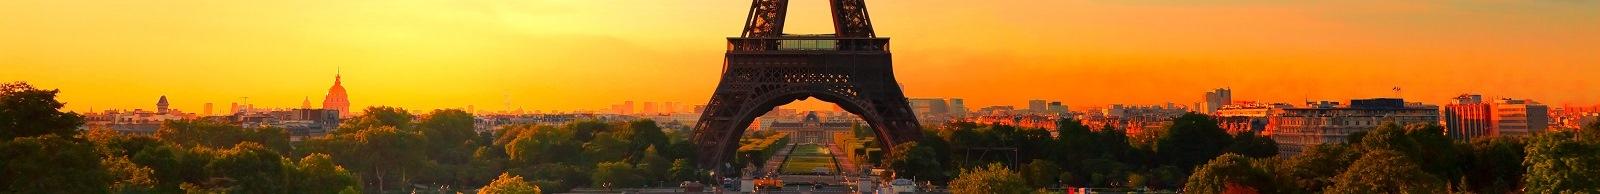 París Francia La Ciudad Del Amor Web Oficial De Panavisión Tours